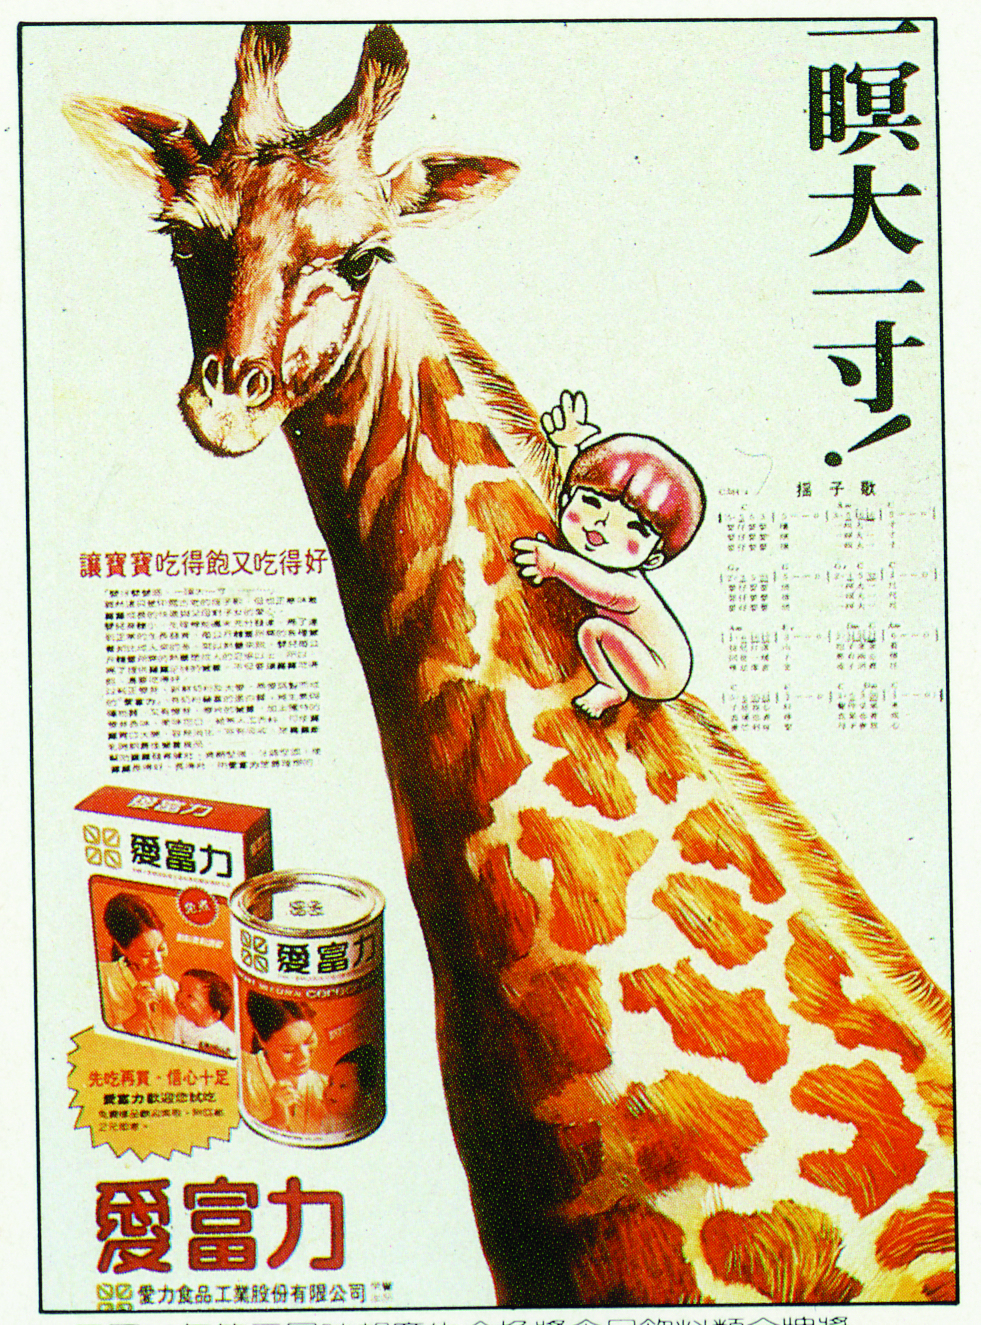 1980第三屆時報廣告獎(MG)食品飲料類金牌獎.jpg